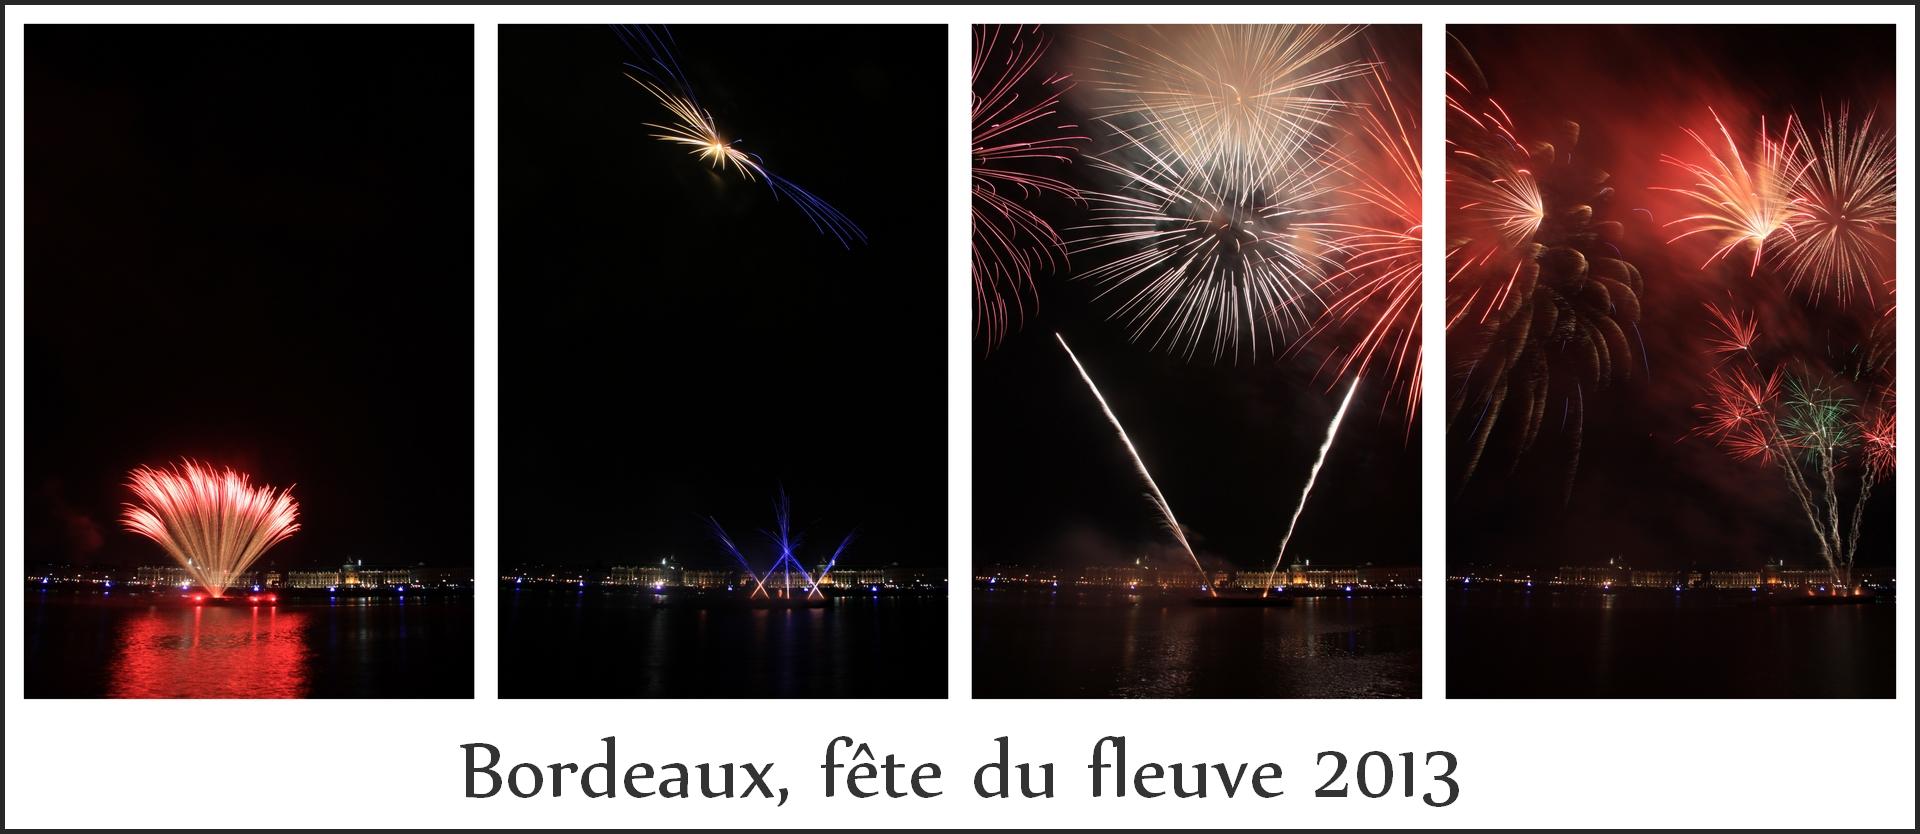 Bordeaux, fête du fleuve 2013